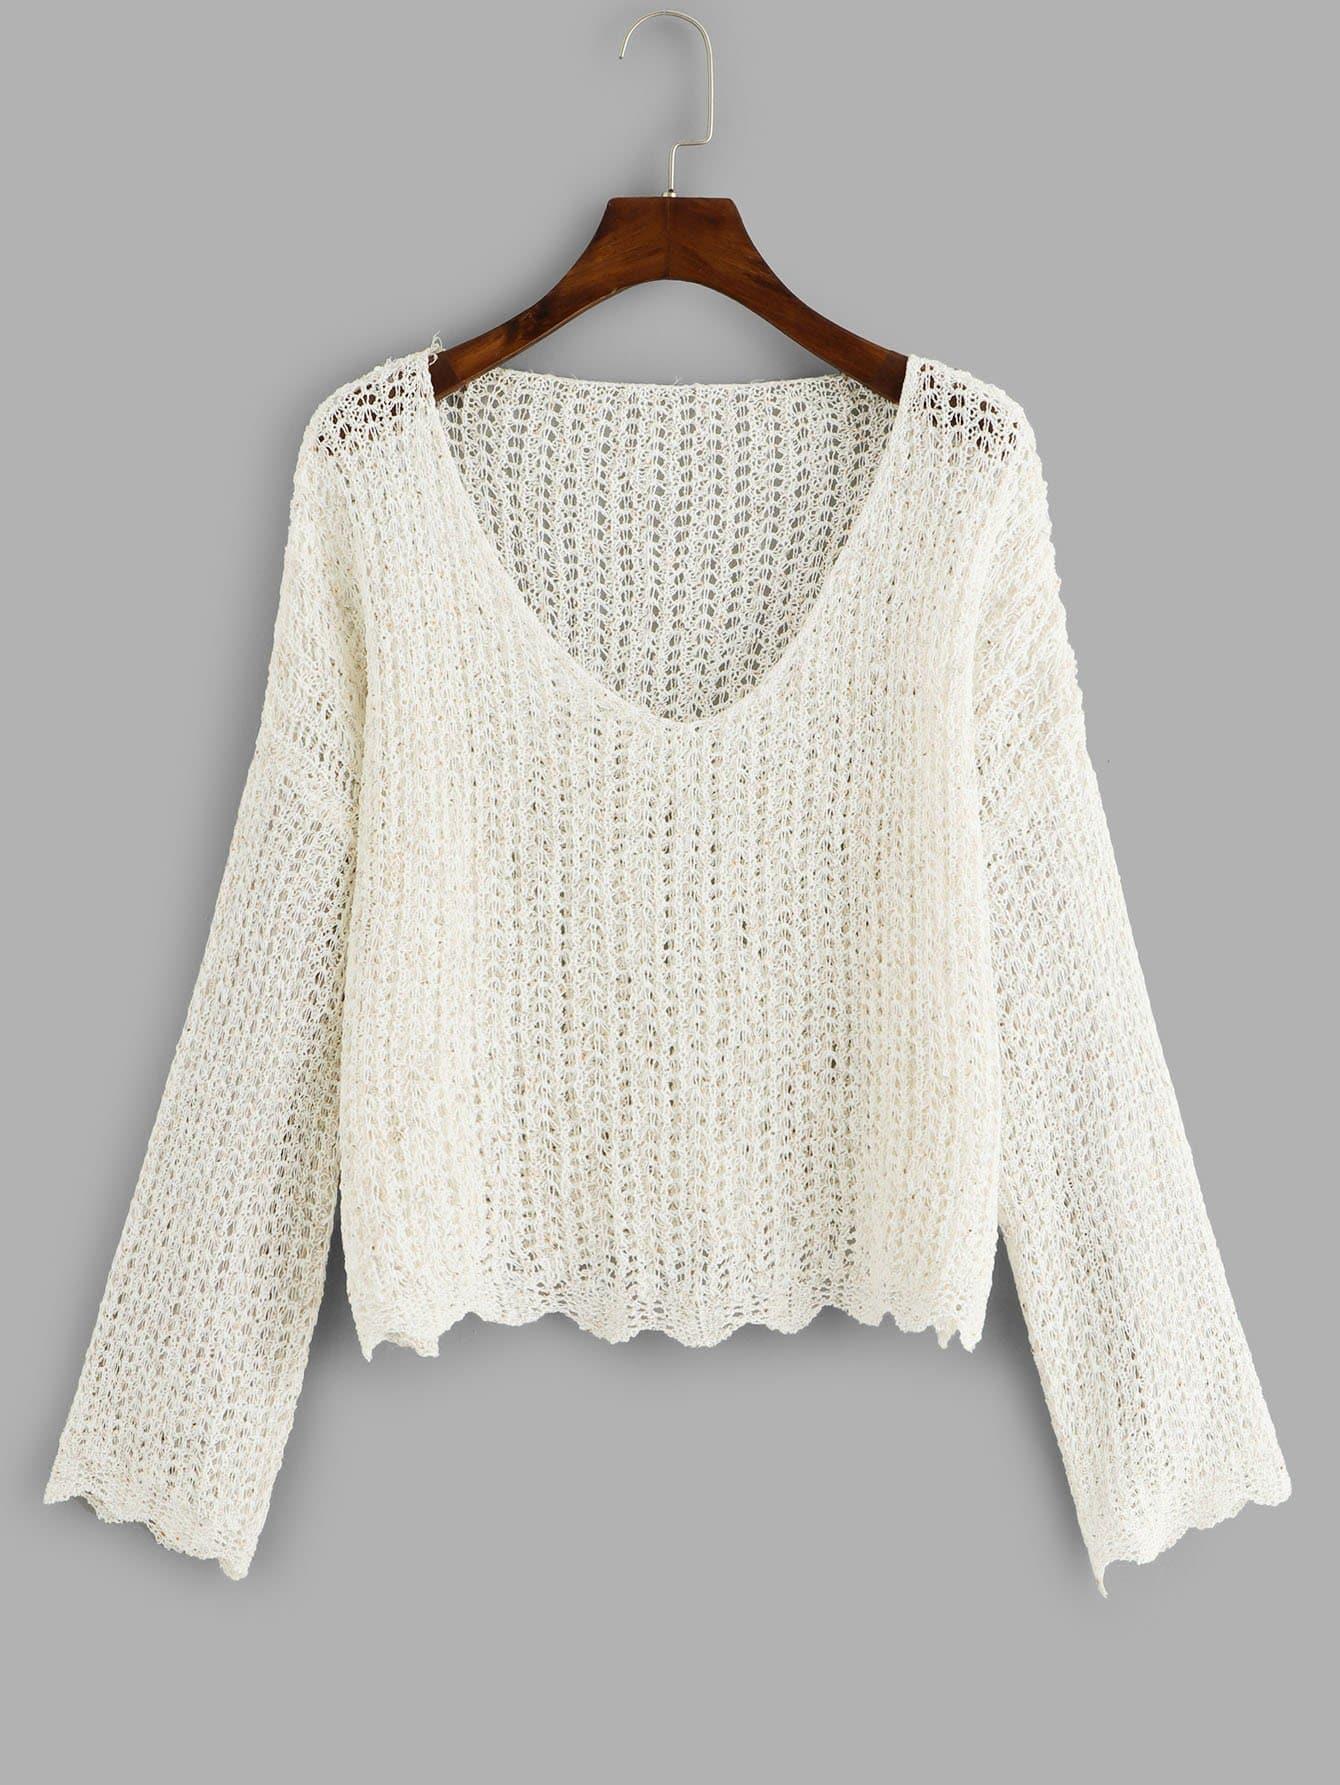 Купить Повседневный Ровный цвет с разрезом Пуловеры Серебрый Свитшоты, null, SheIn